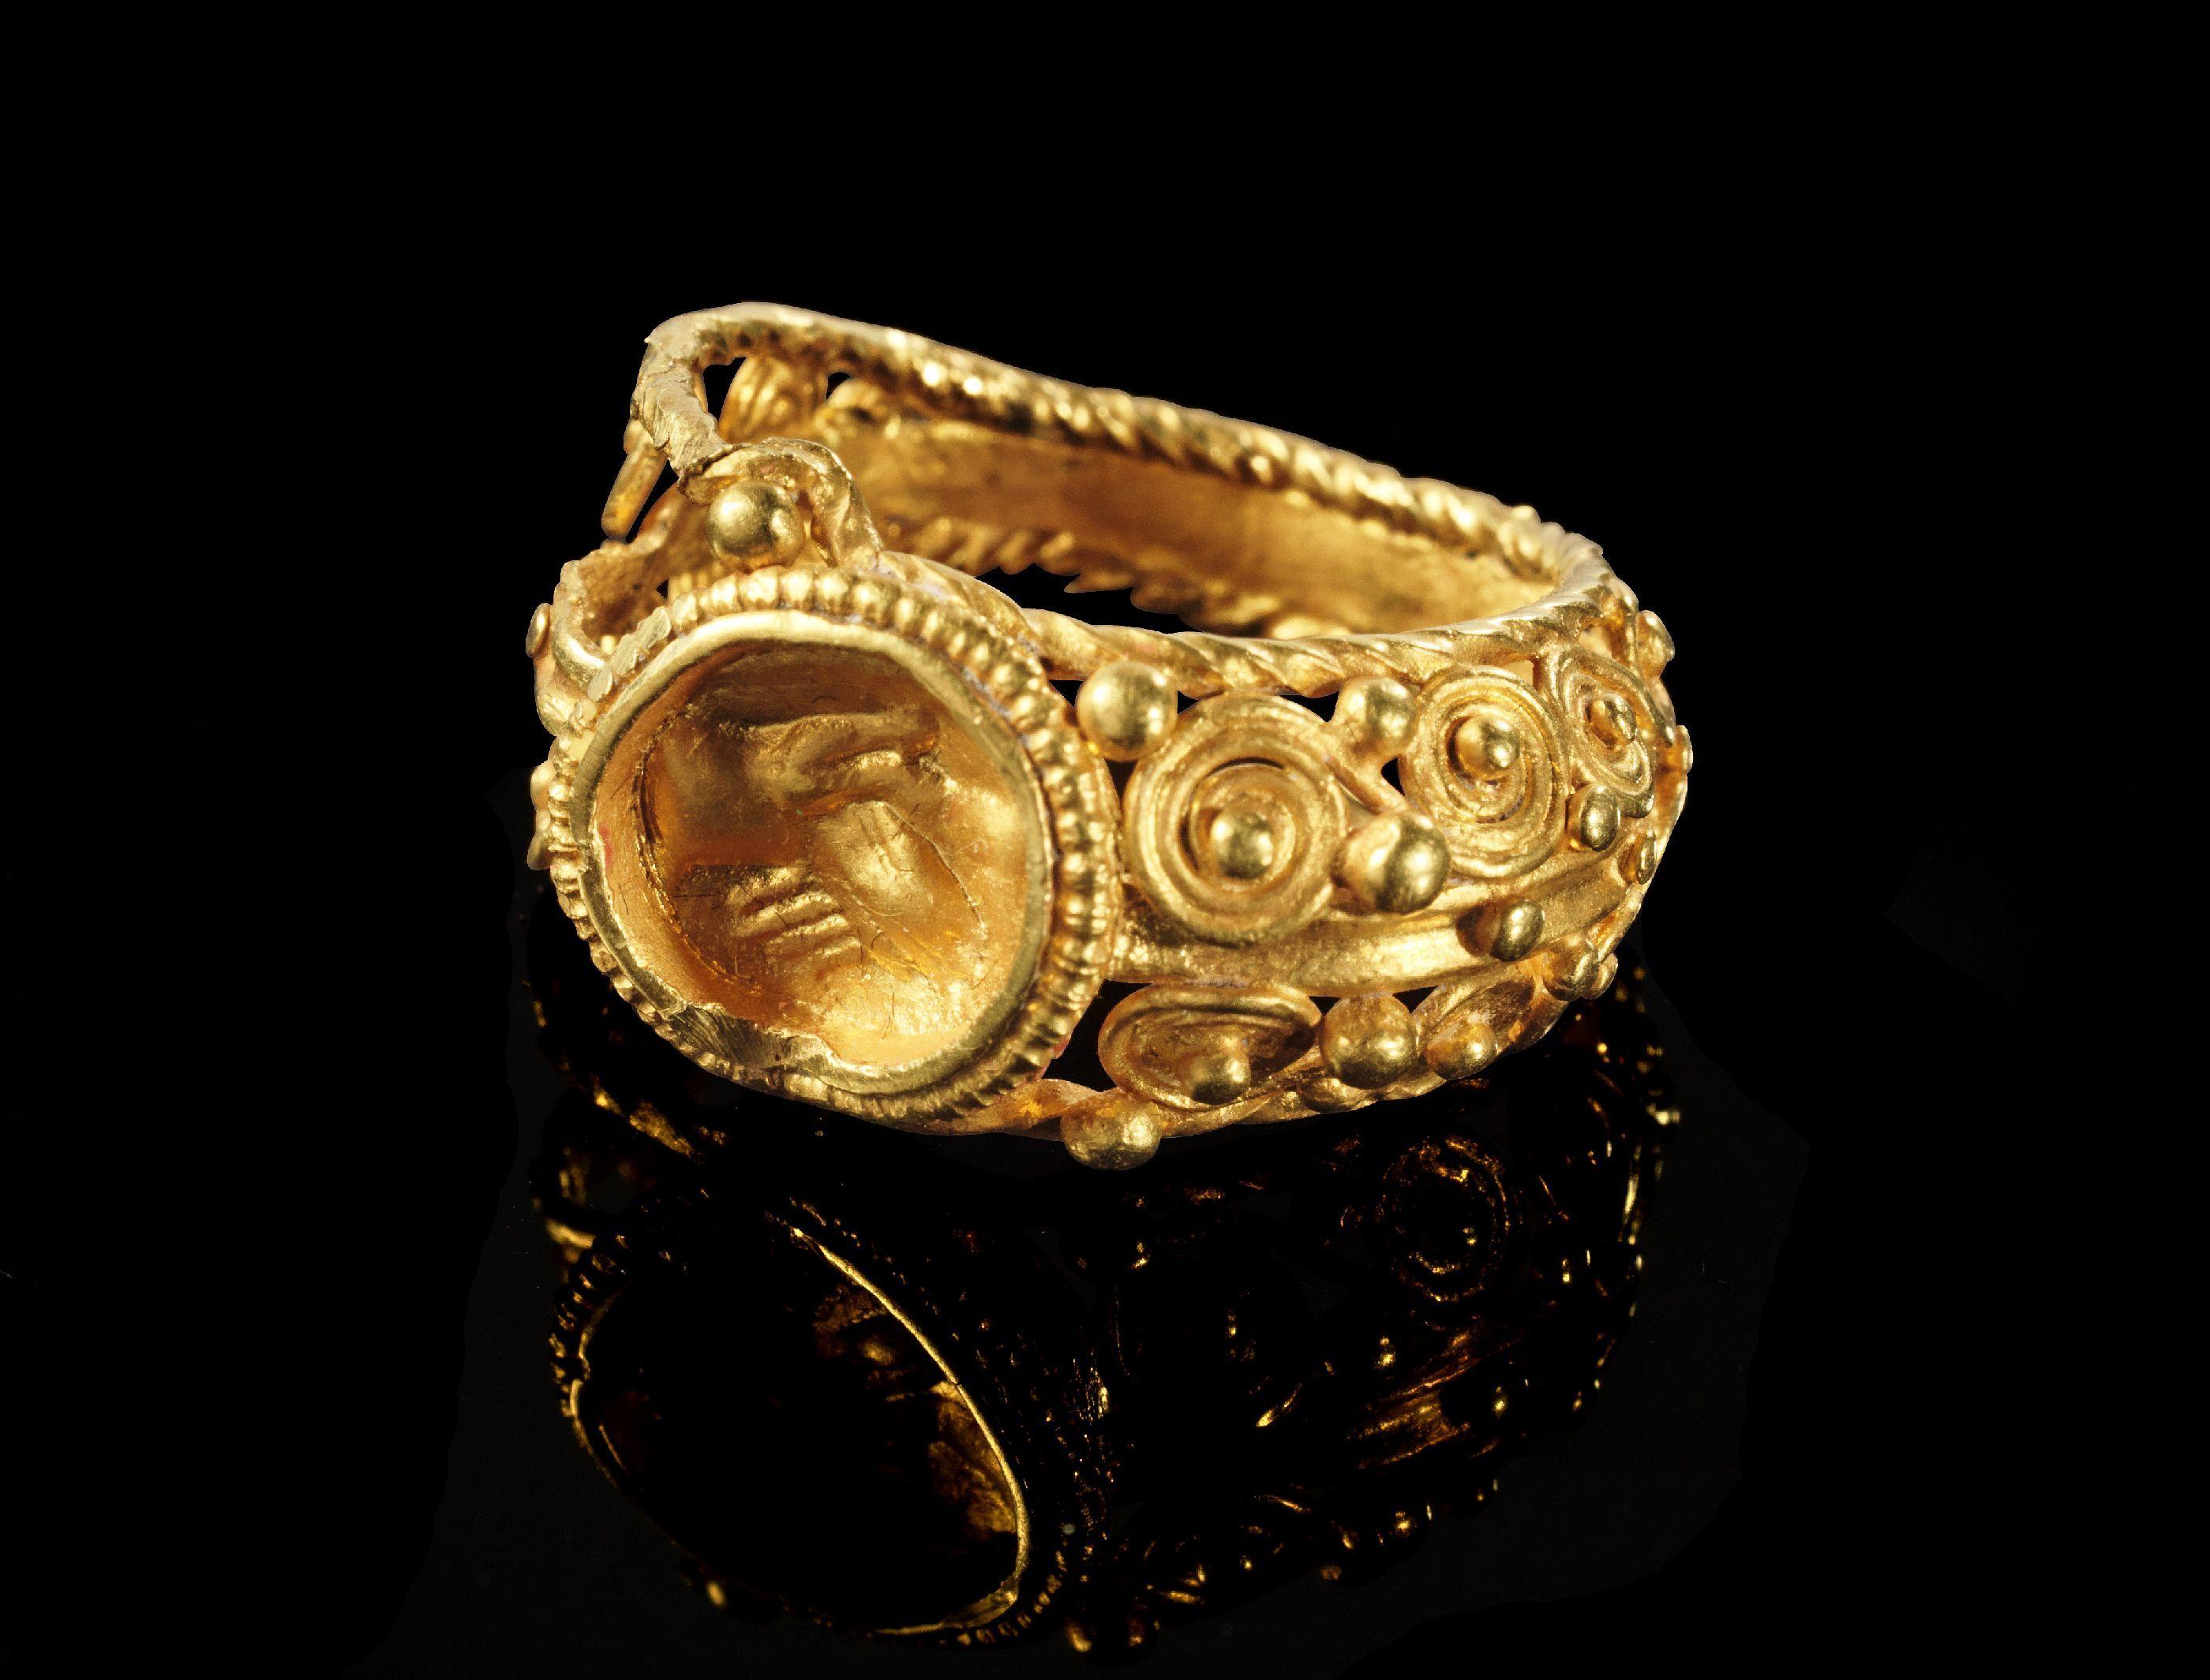 картинки золотых старинных колец что довольна нашим